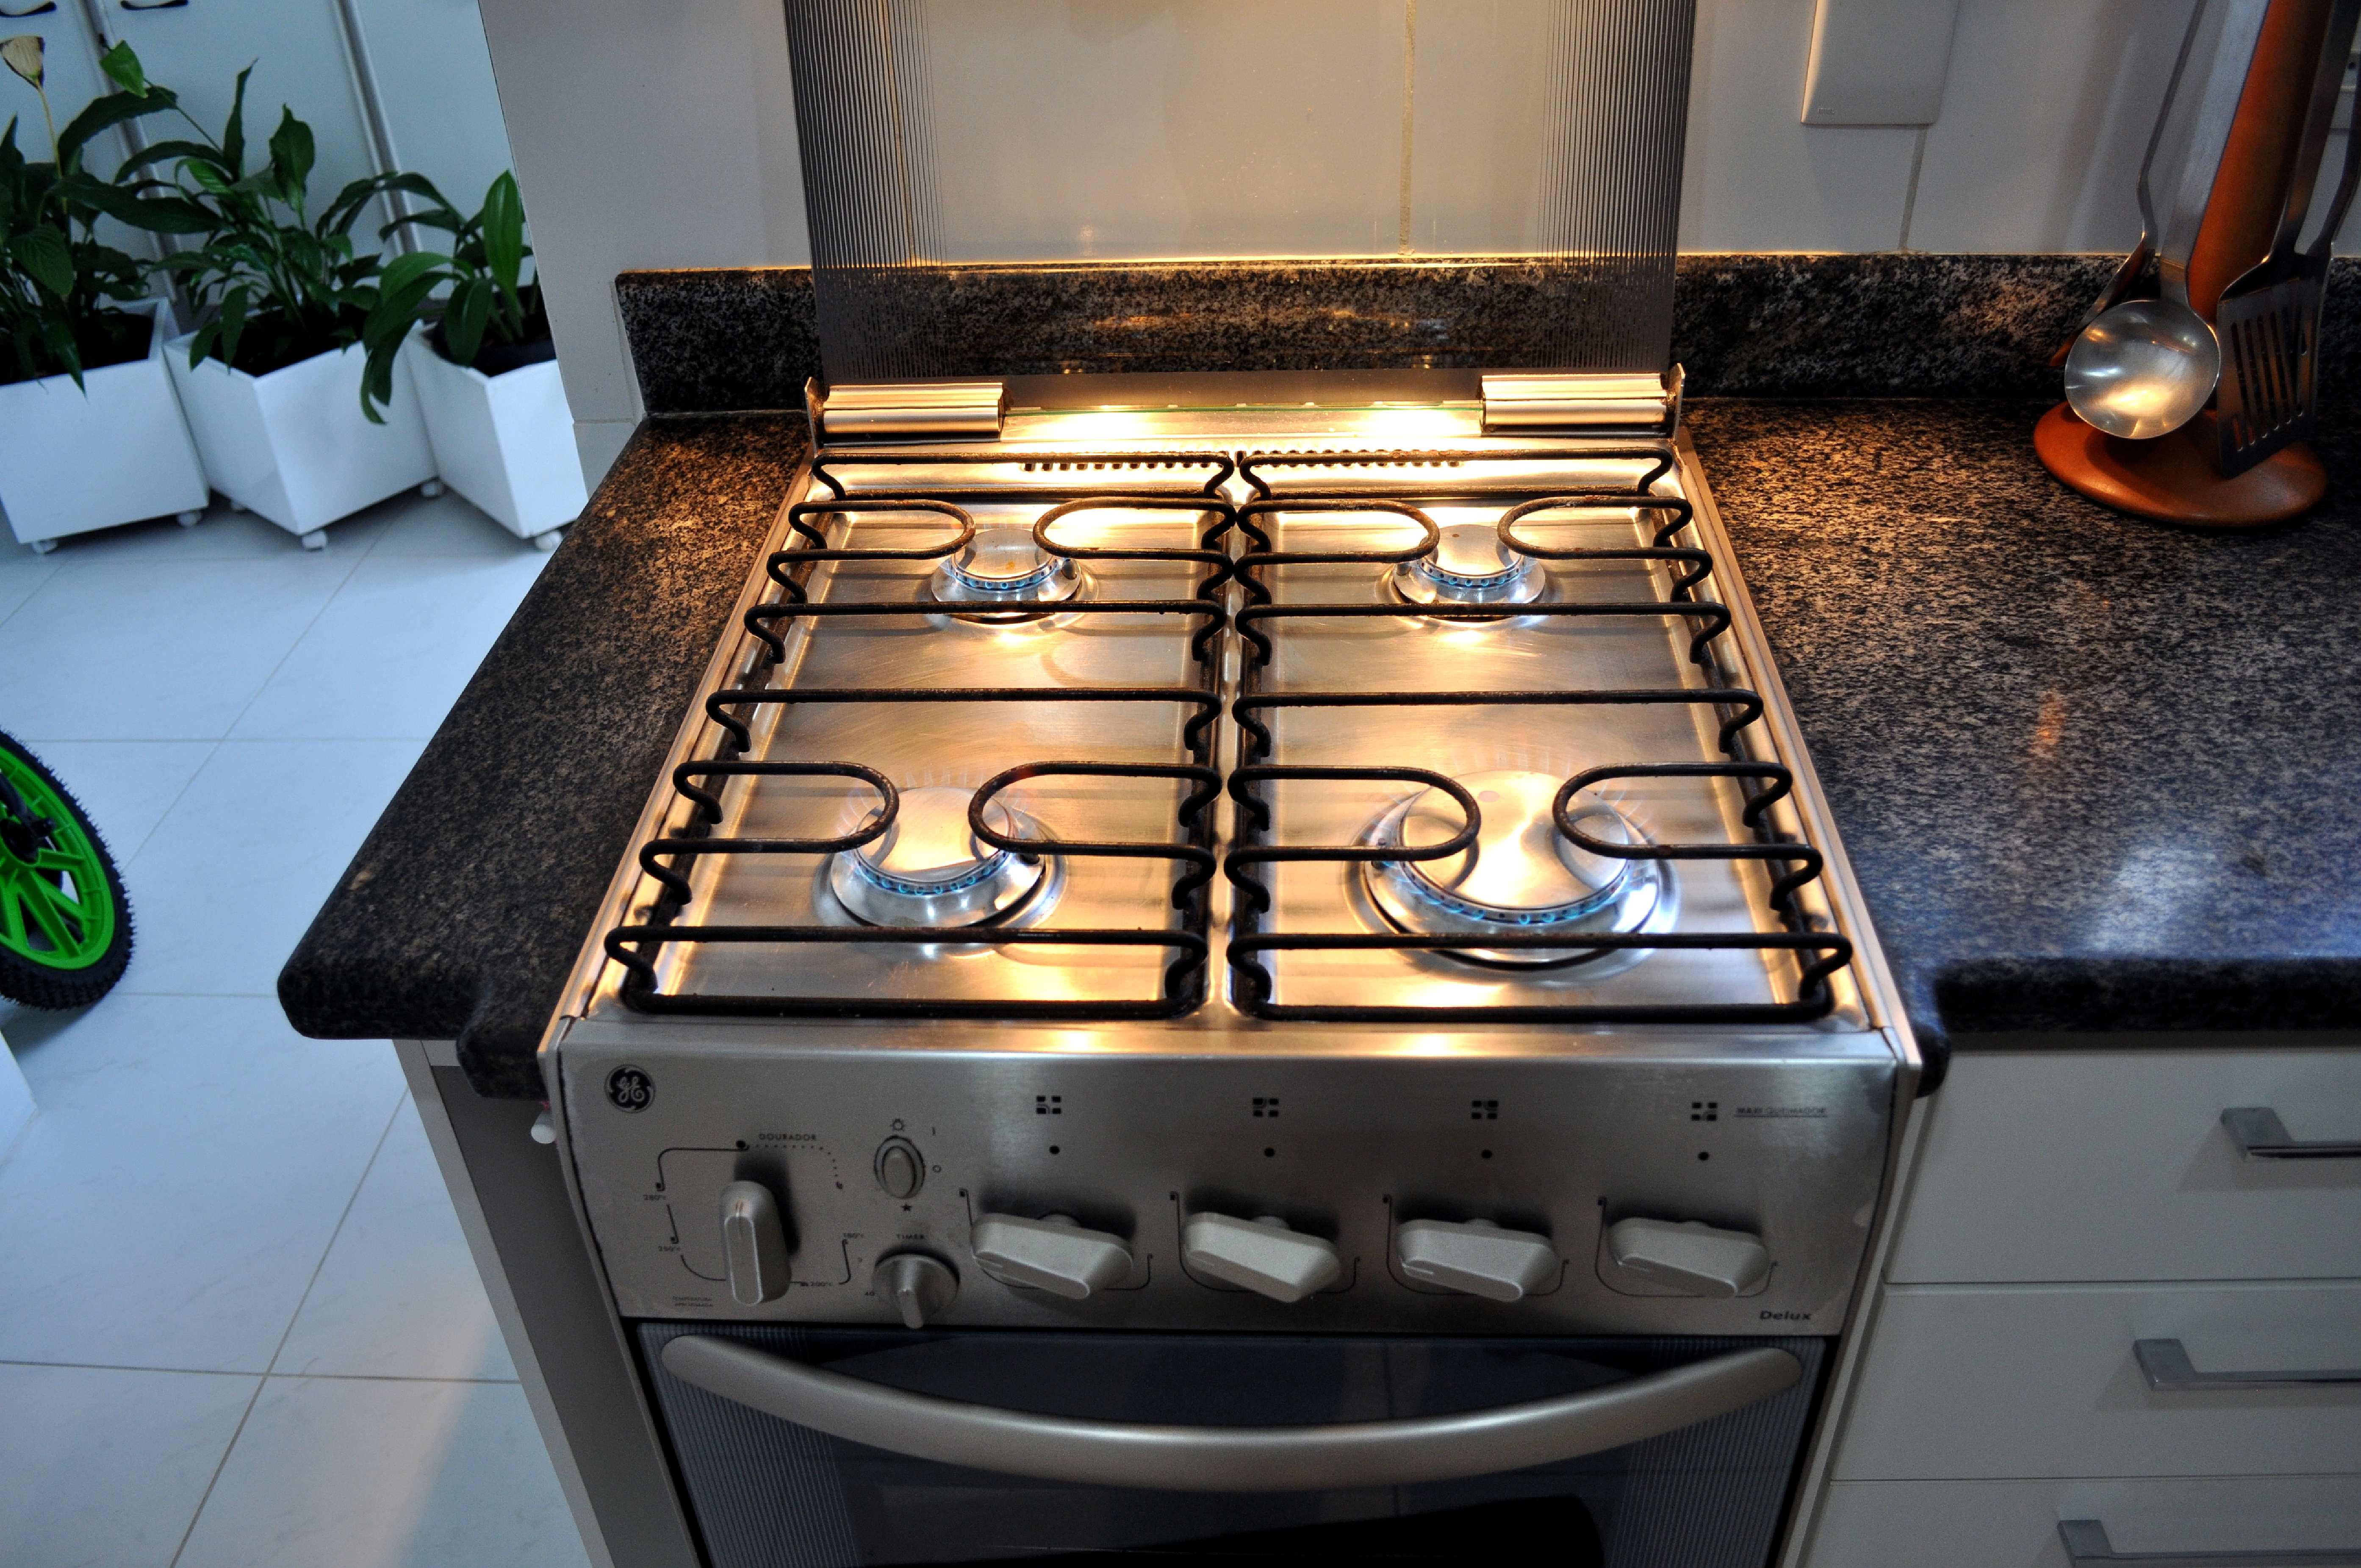 Imagen gratis: cocina, gas, estufa, luz